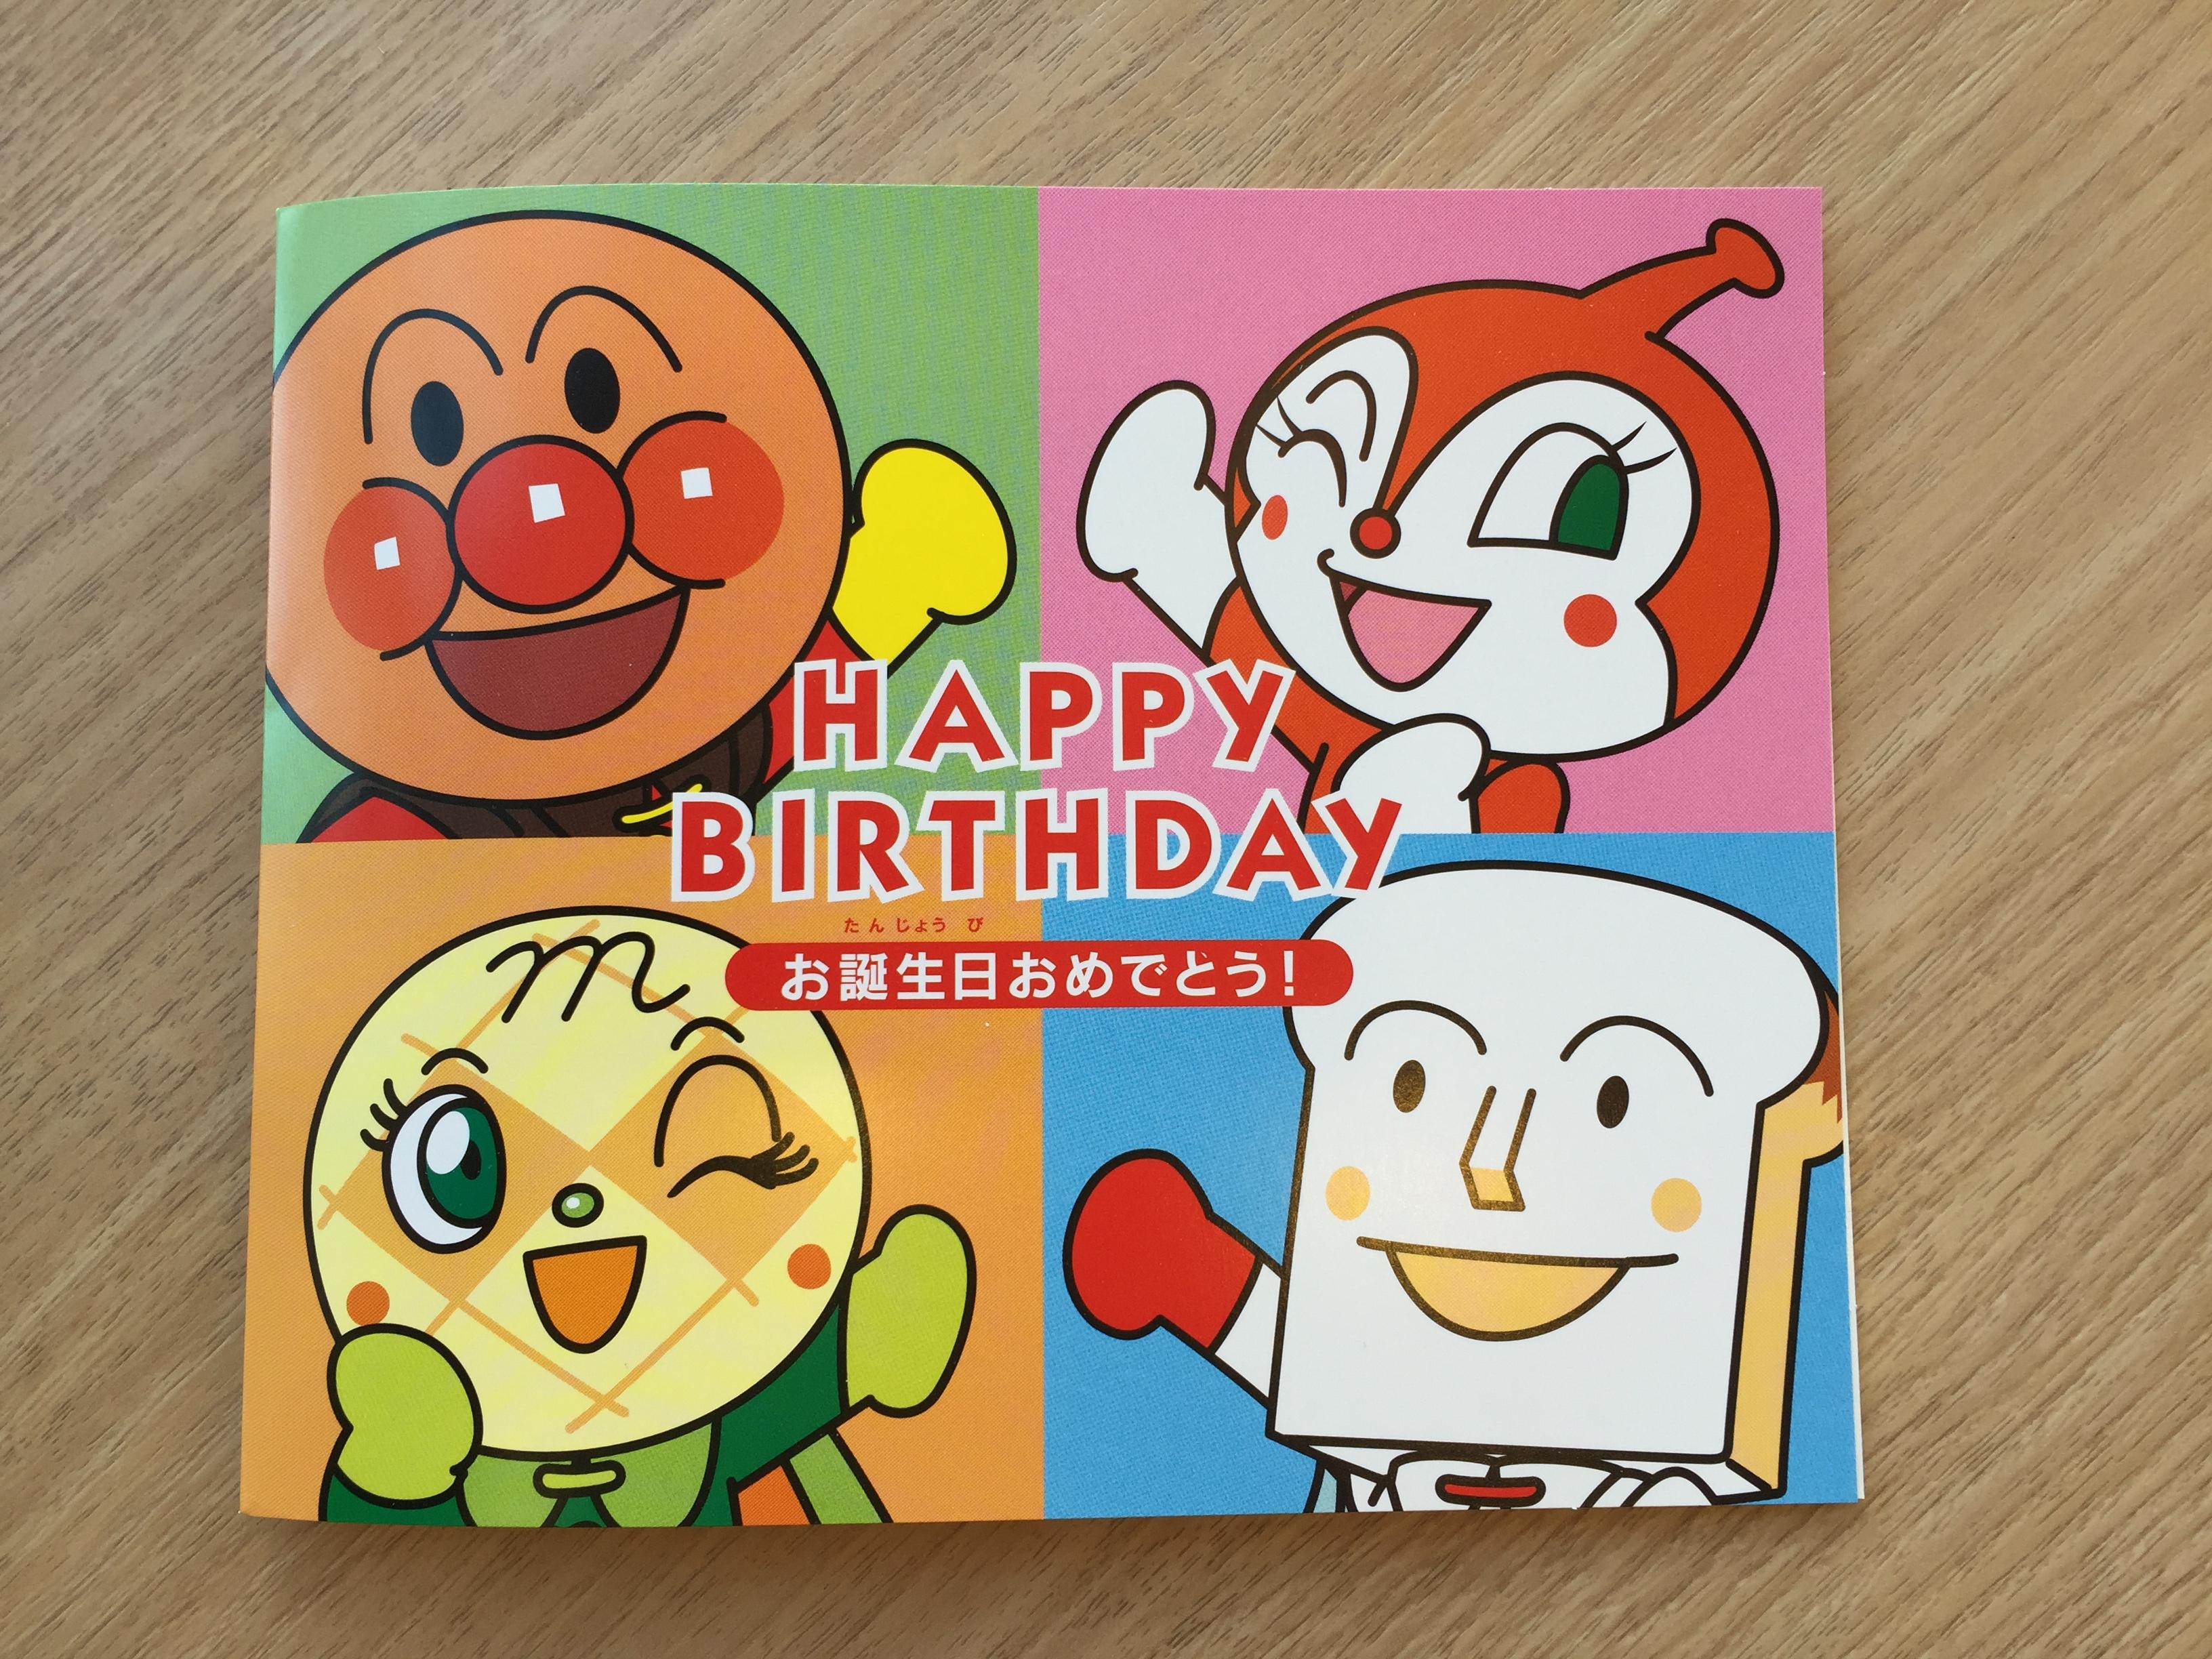 名古屋アンパンマンミュージアム ペコズキッチンの誕生日お祝いが人気